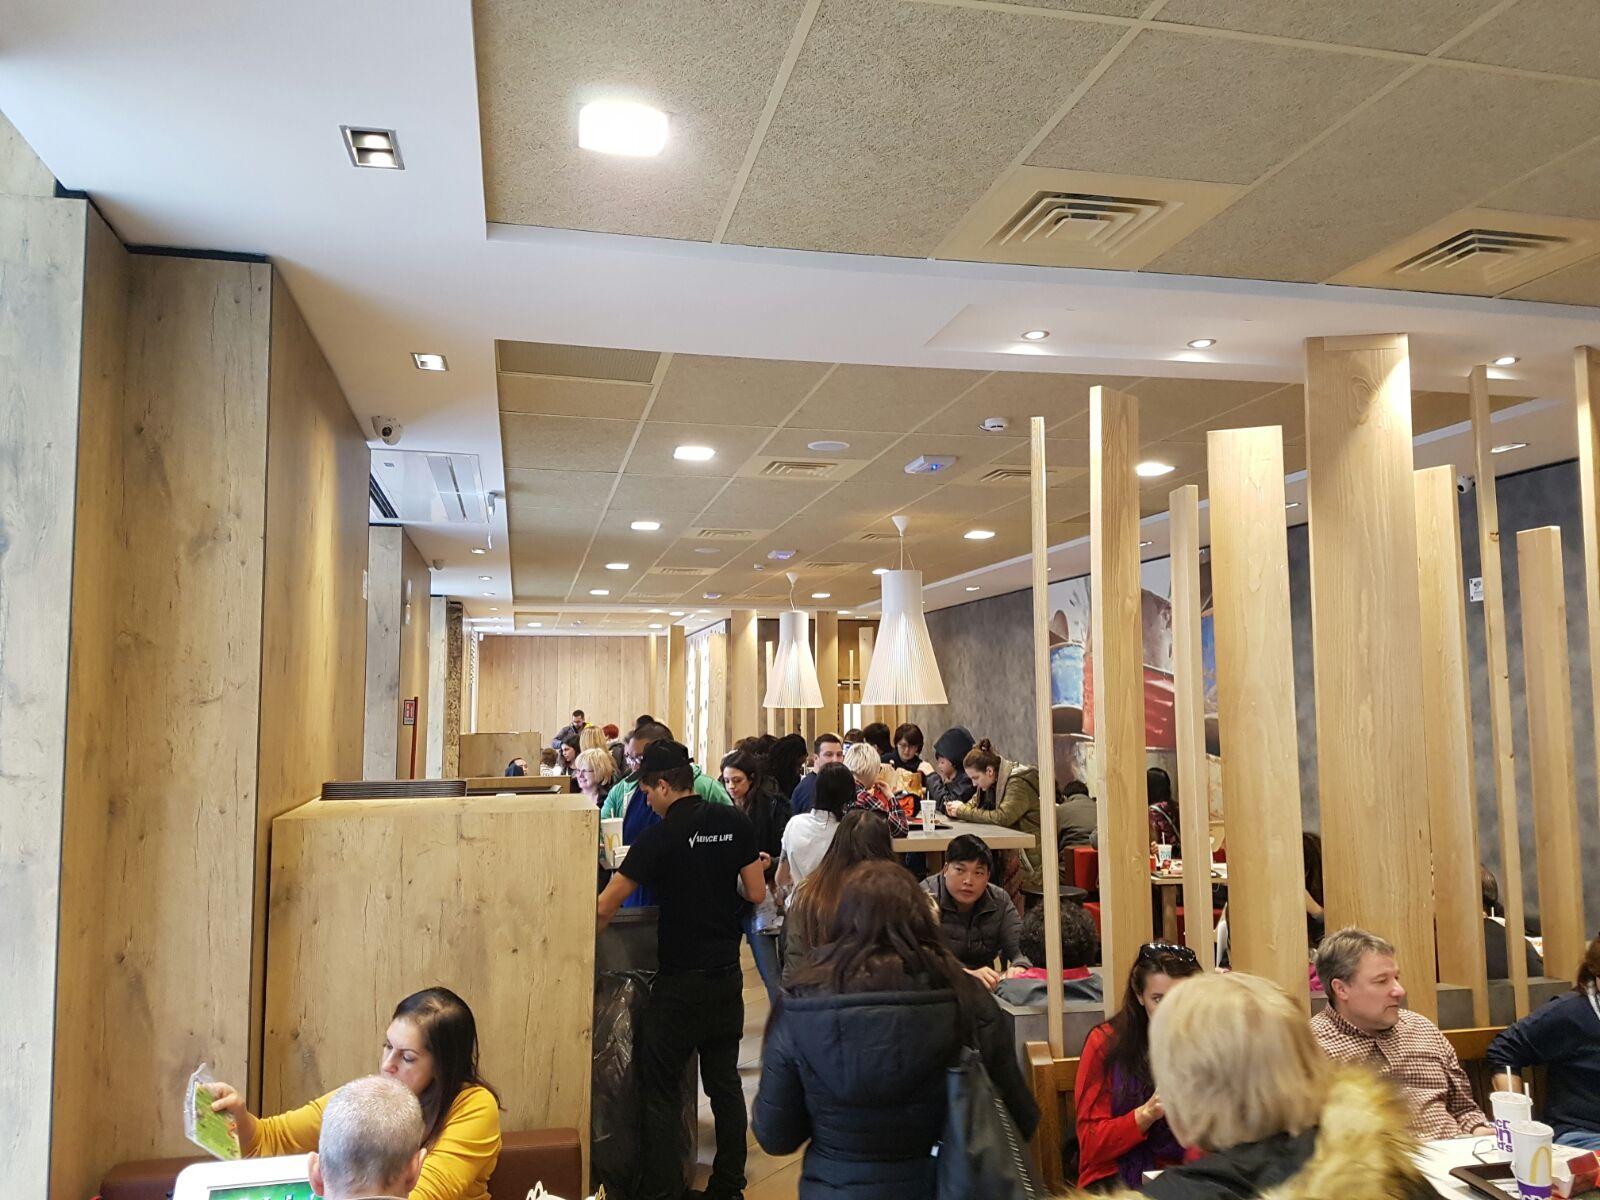 Arredamento bar e ristoranti mcdonald 39 s roma borgo pio for Arredamento bar e ristoranti